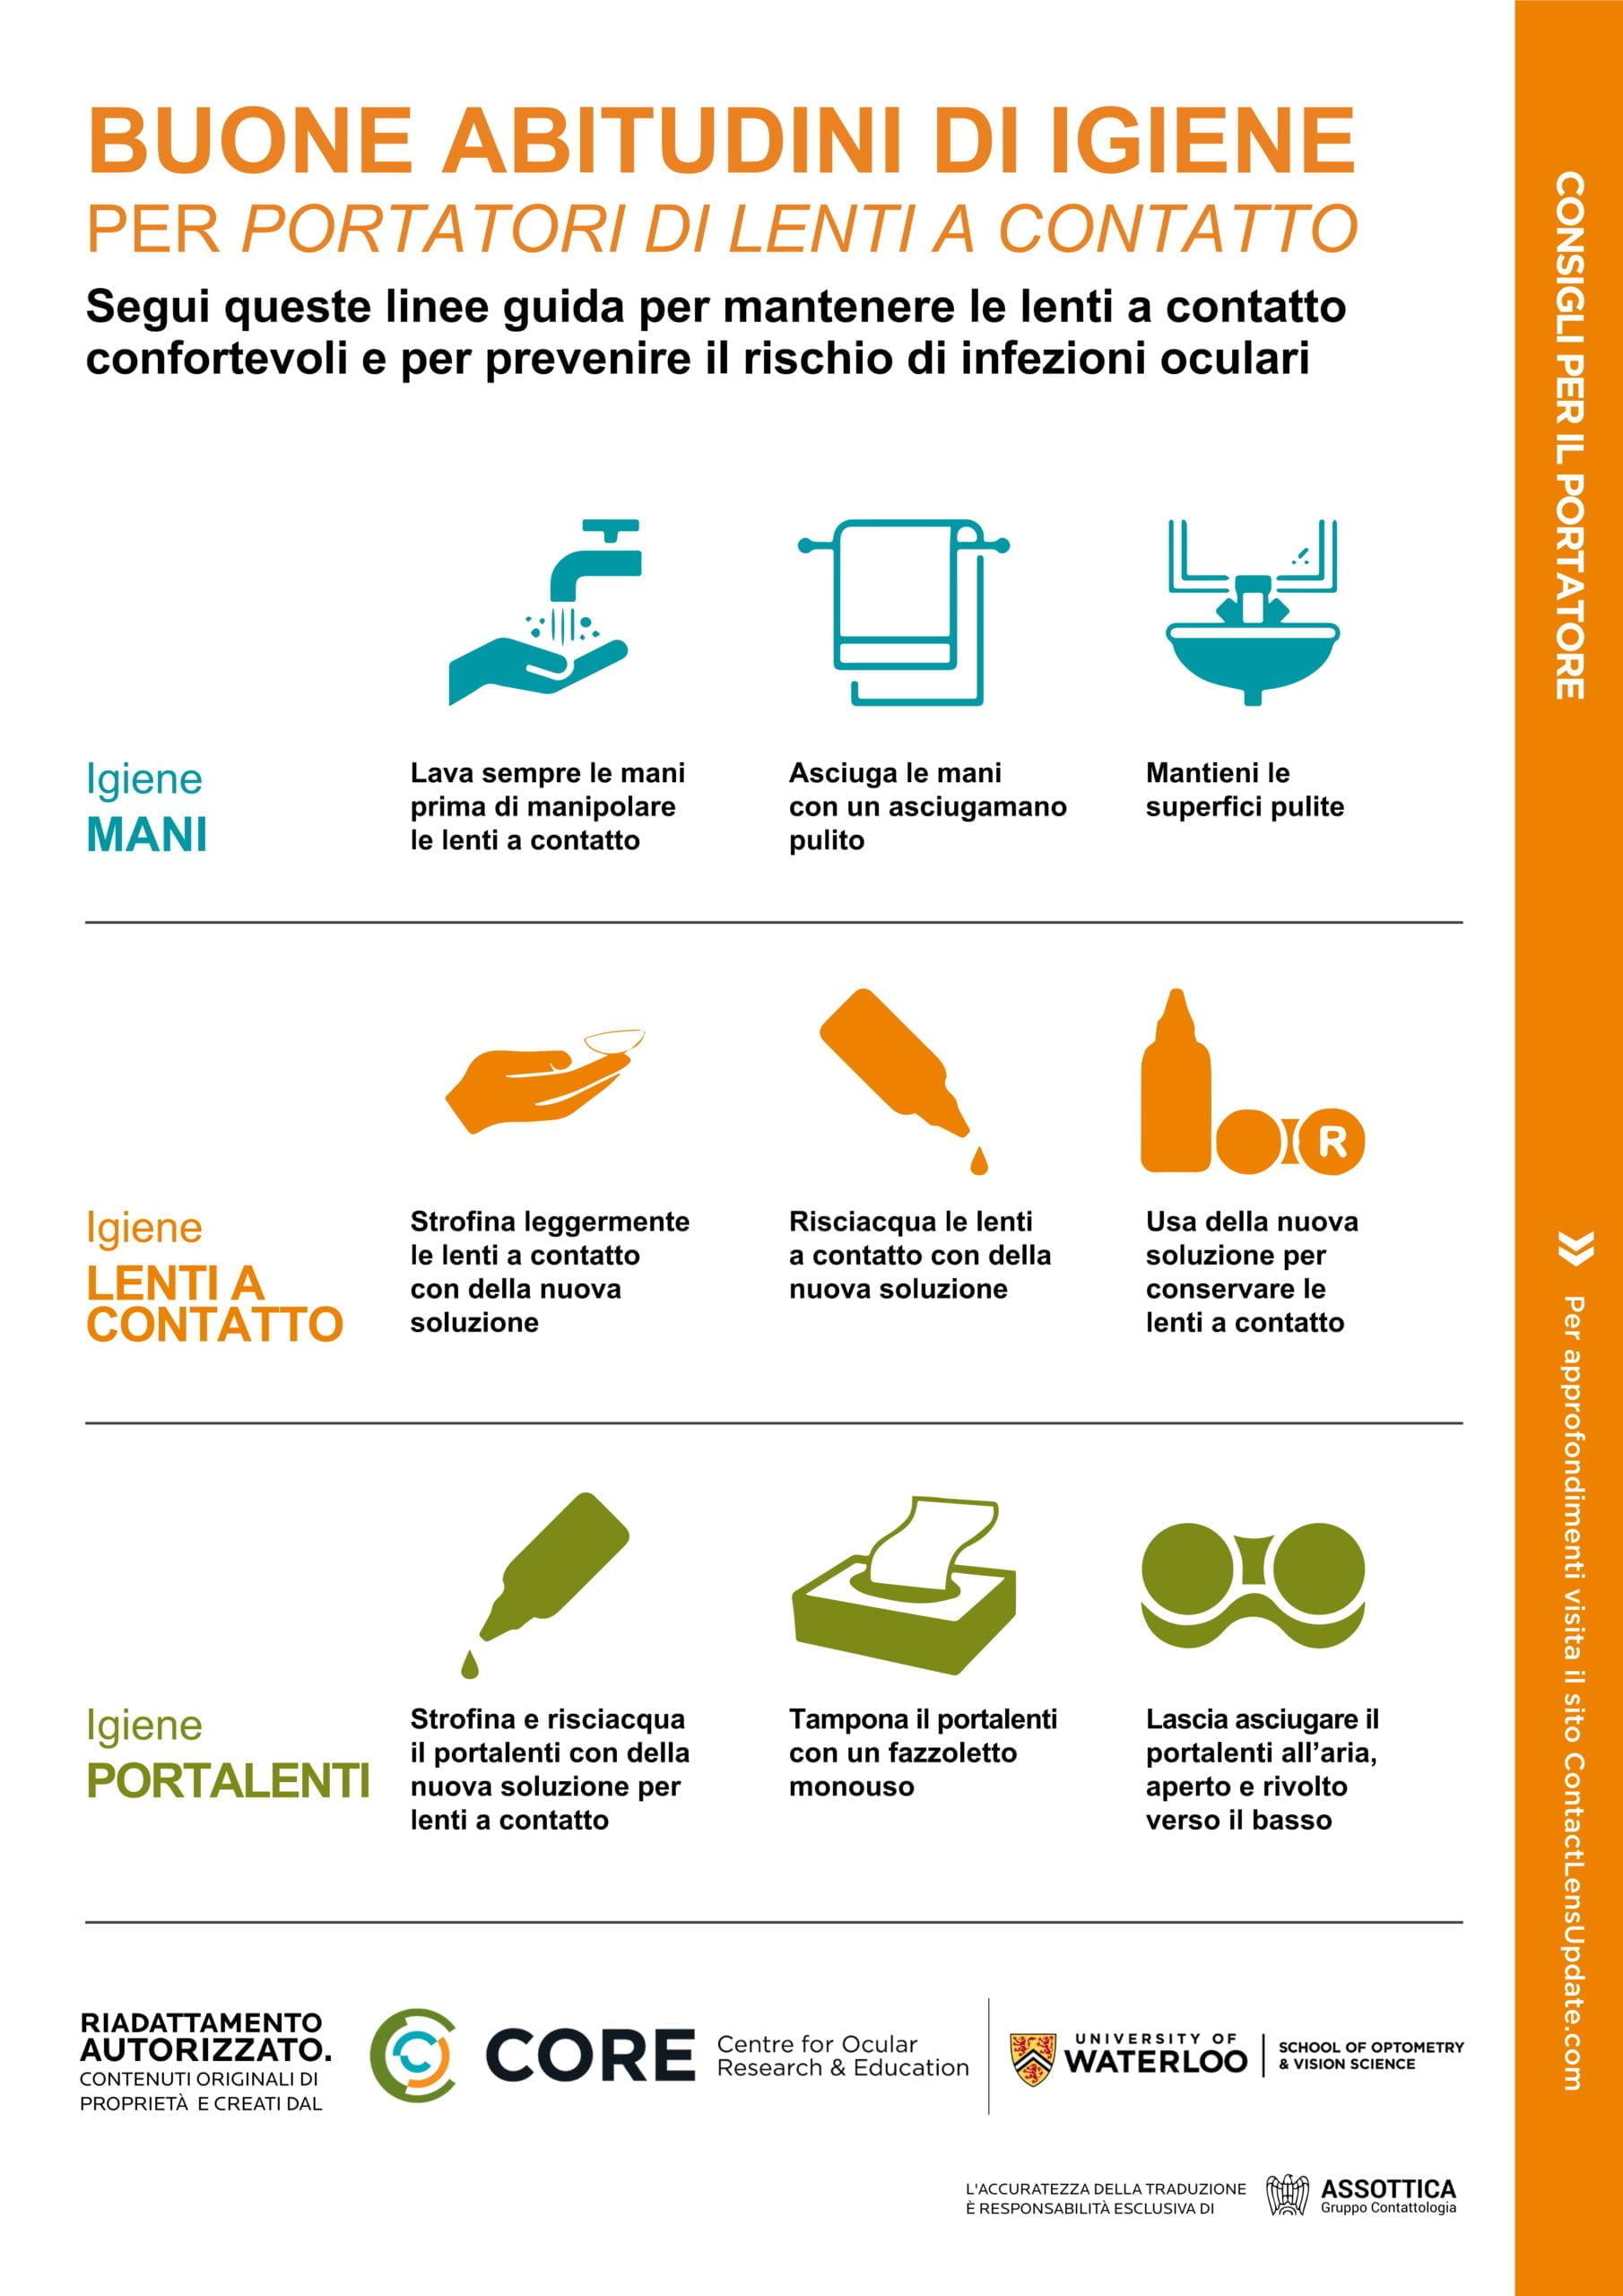 Consigli sull'igiene per il portatore di lenti a contatto